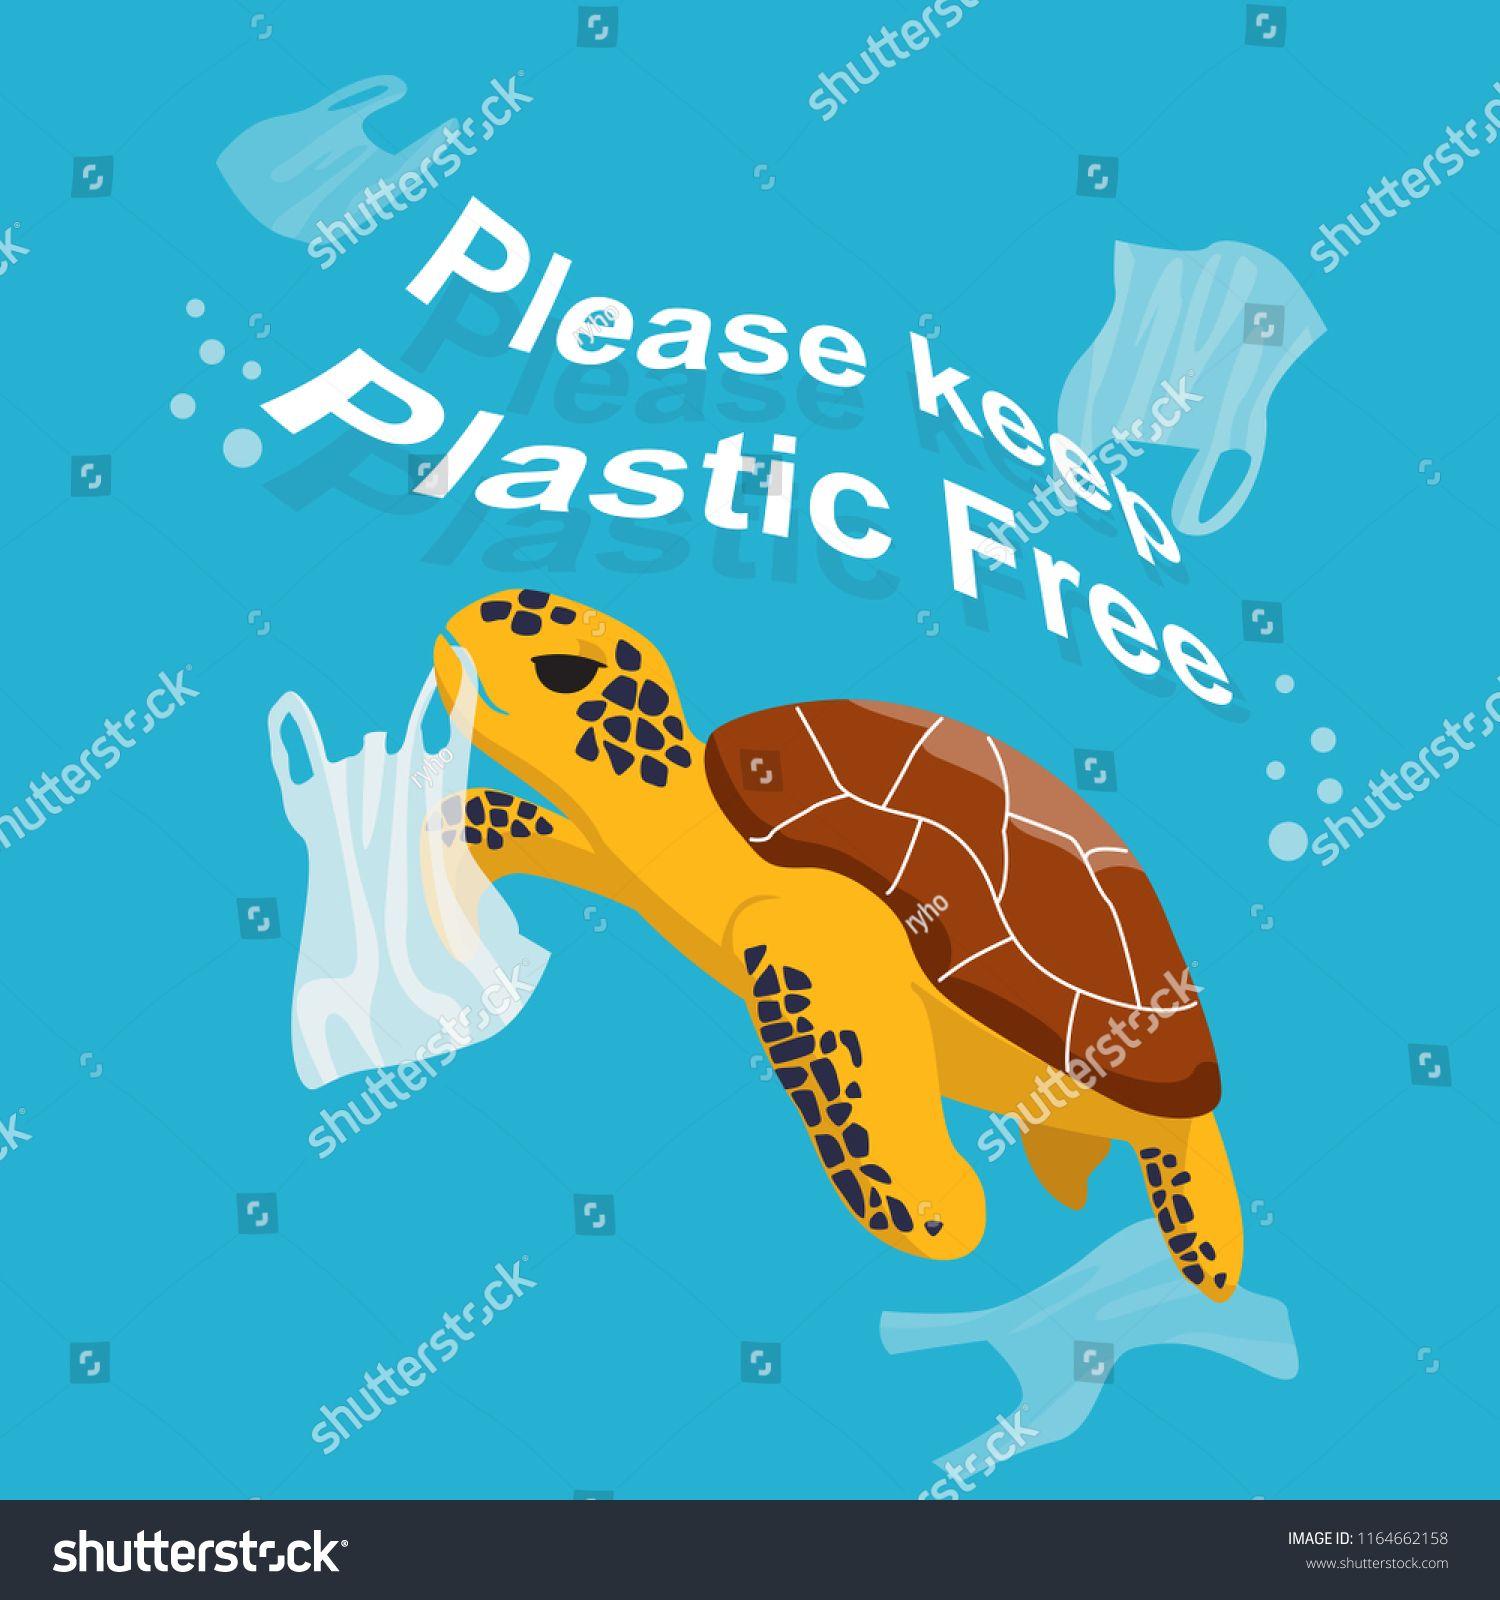 Minimalist sea turtles worksheets ideas in 2021